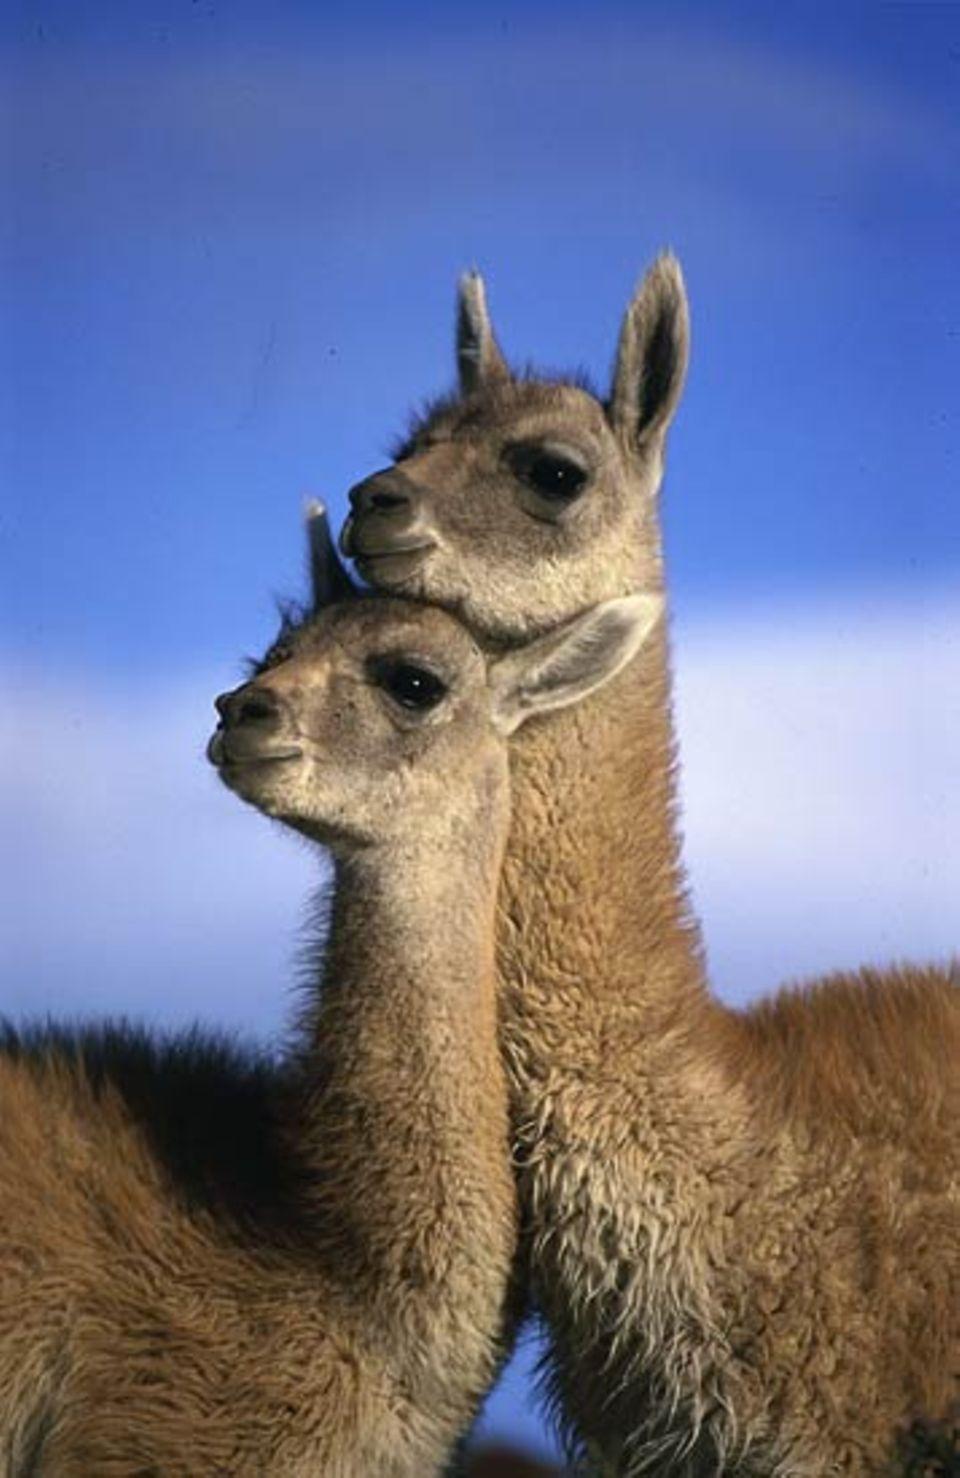 Tierfotograf Ingo Arndt: Zwei junge Guanakos zeigen sich während einer Spielpause ihre Zuneigung